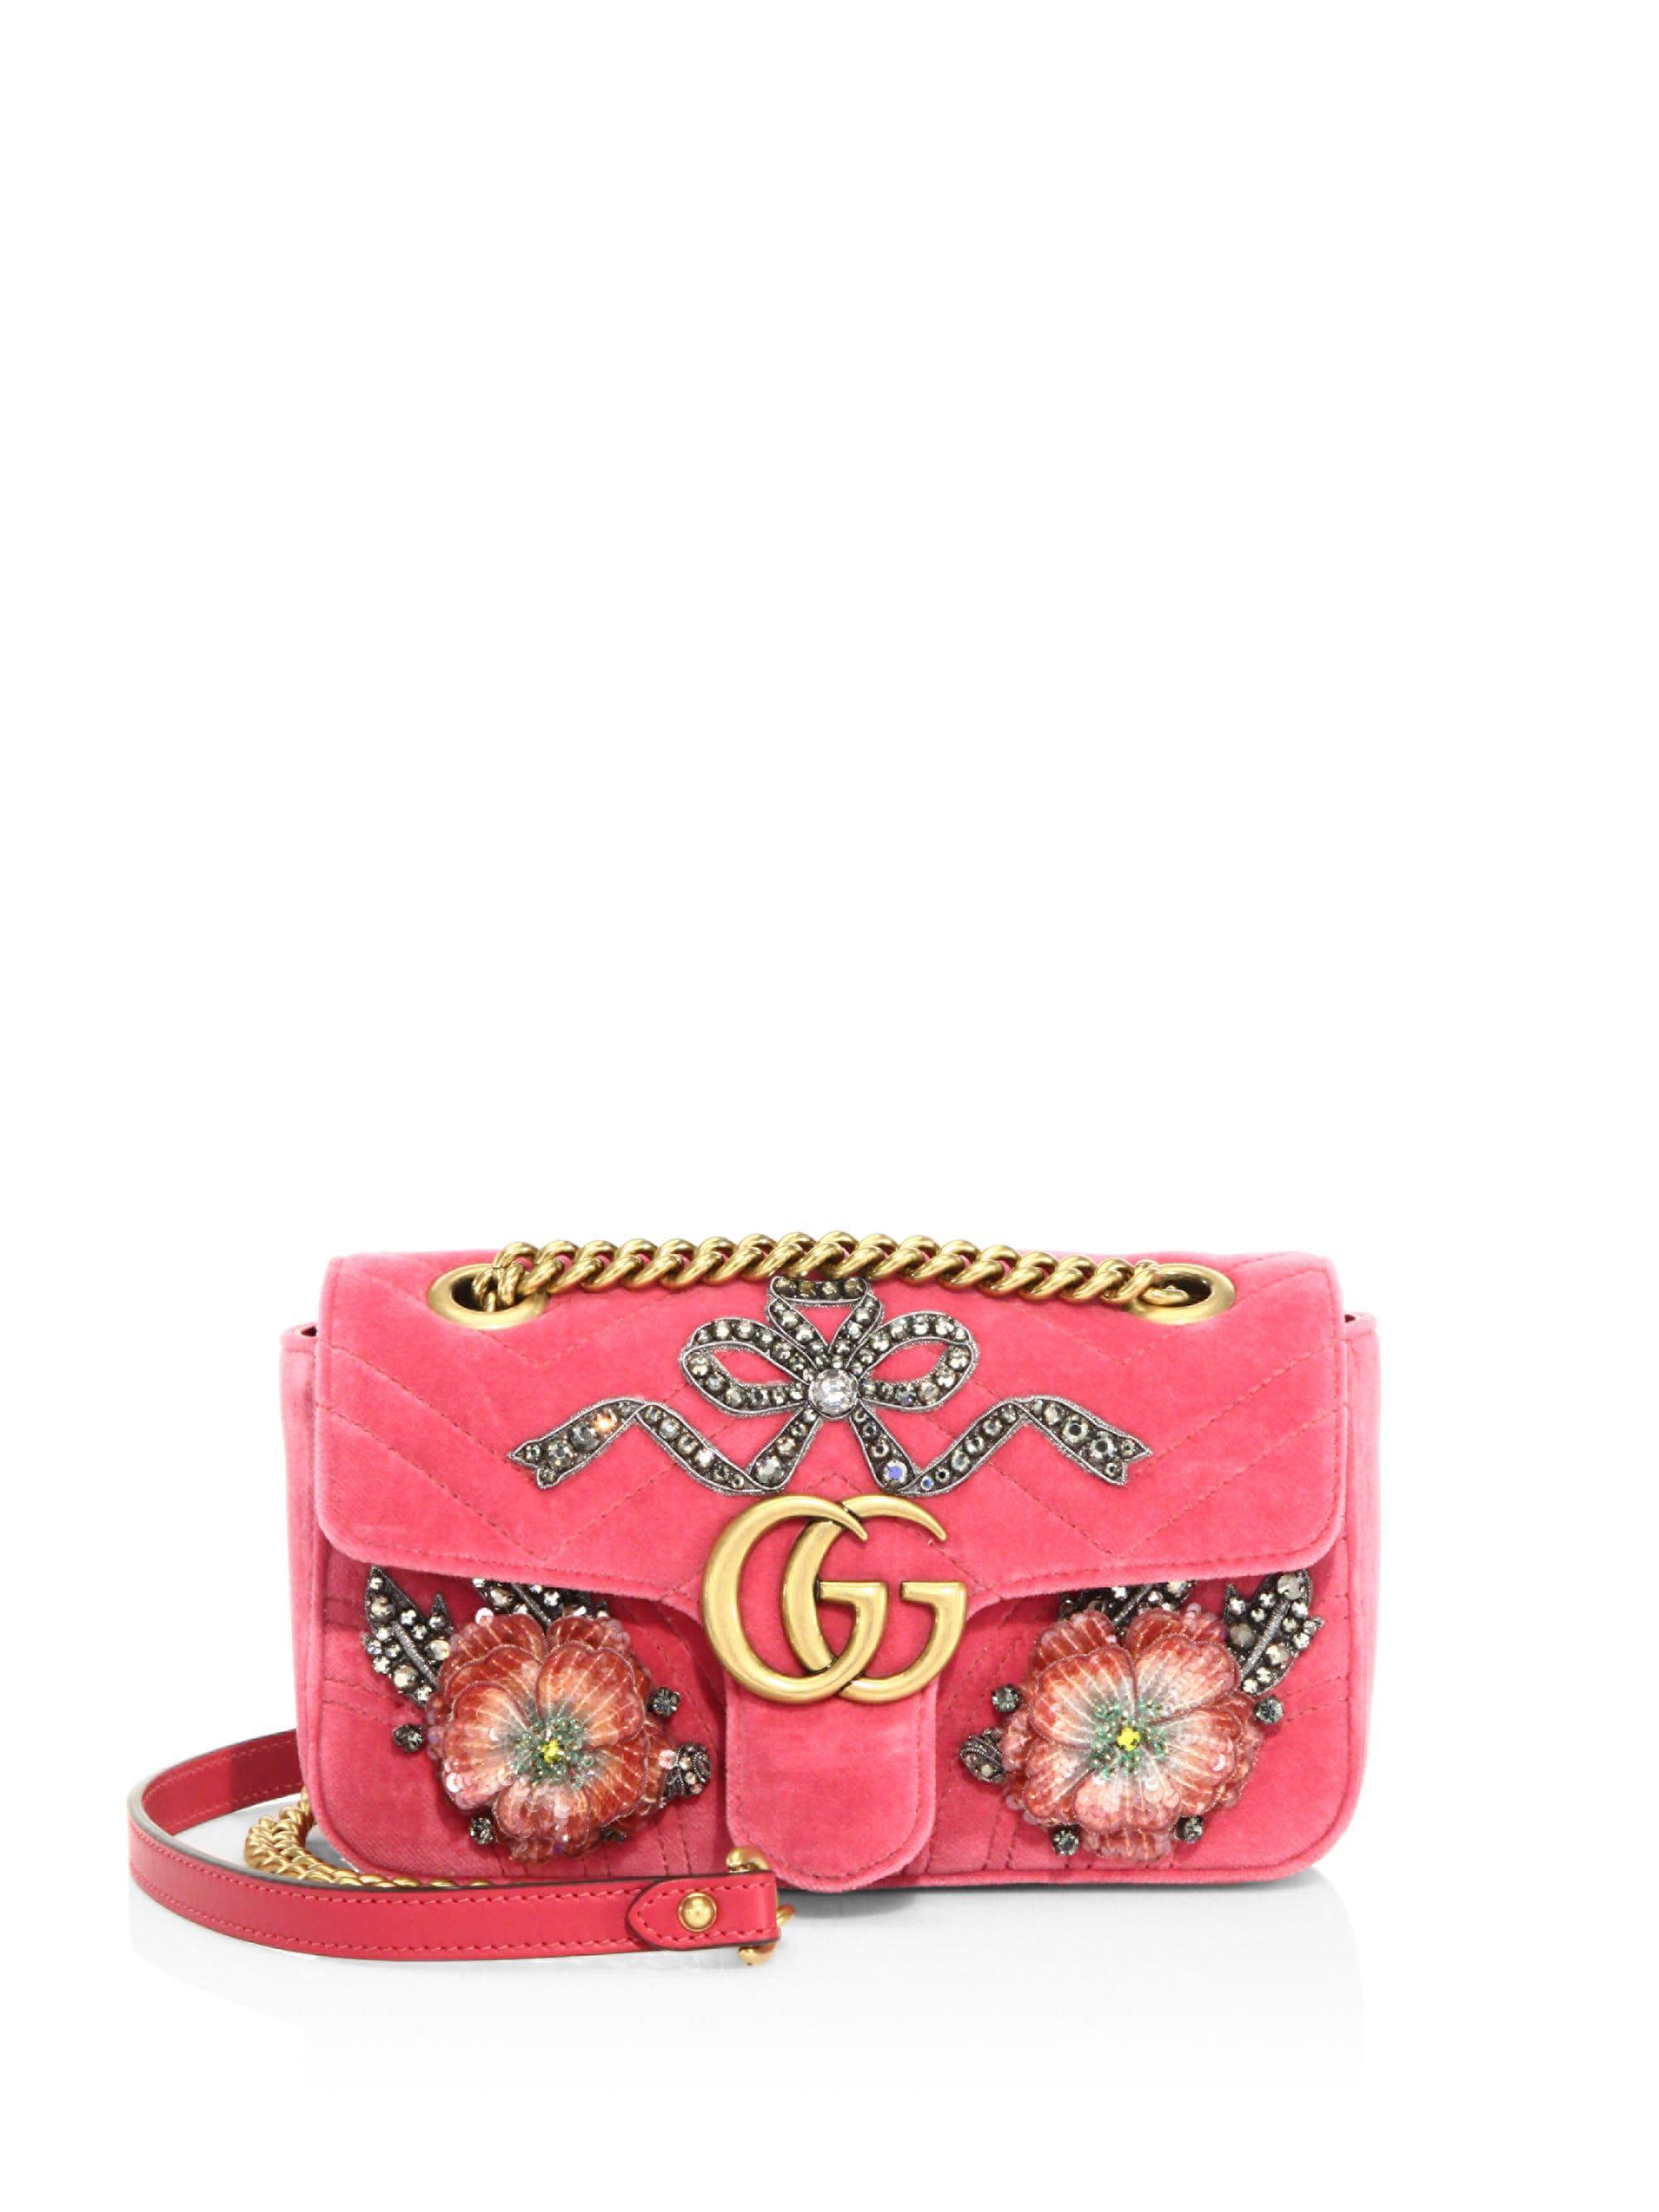 d8c4da6b3af946 Gg Marmont Velvet Small Shoulder Bag Price   The Art of Mike Mignola